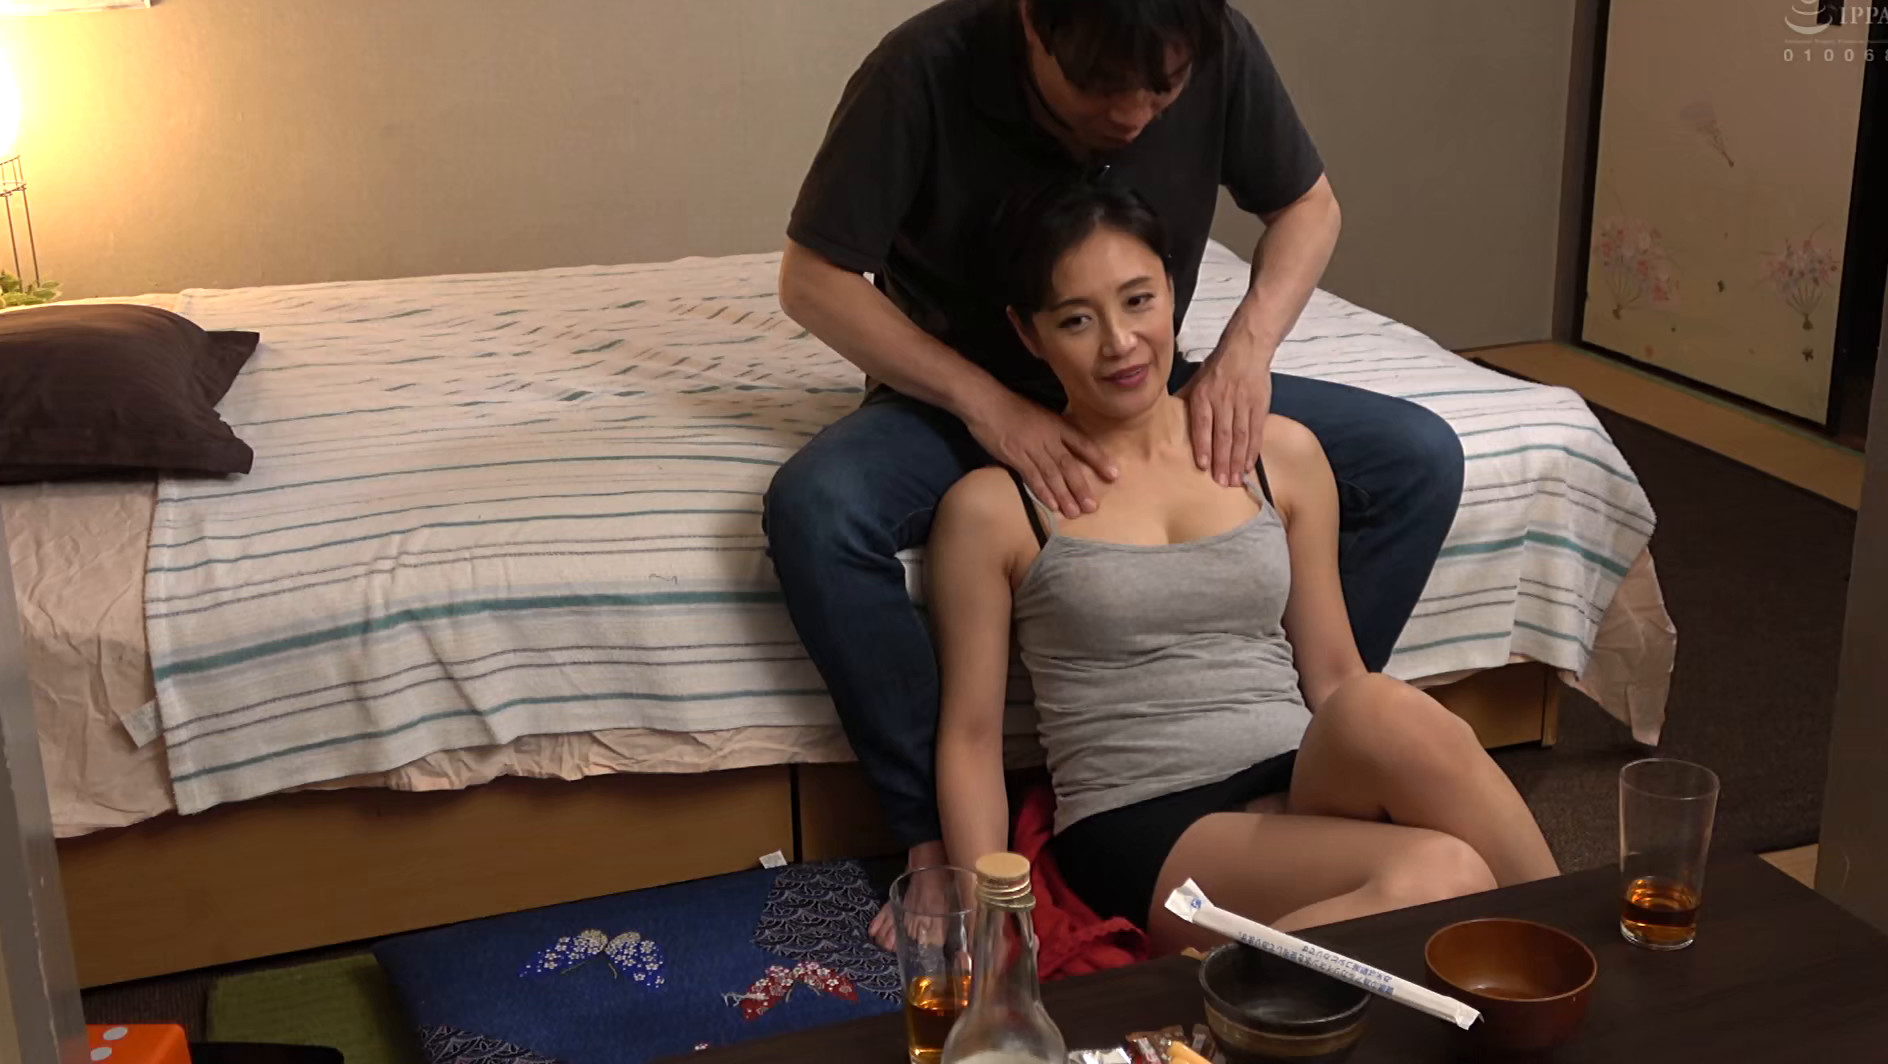 飲み屋でナンパした美熟女を部屋に連れ込み生ハメSEX 180分 画像19